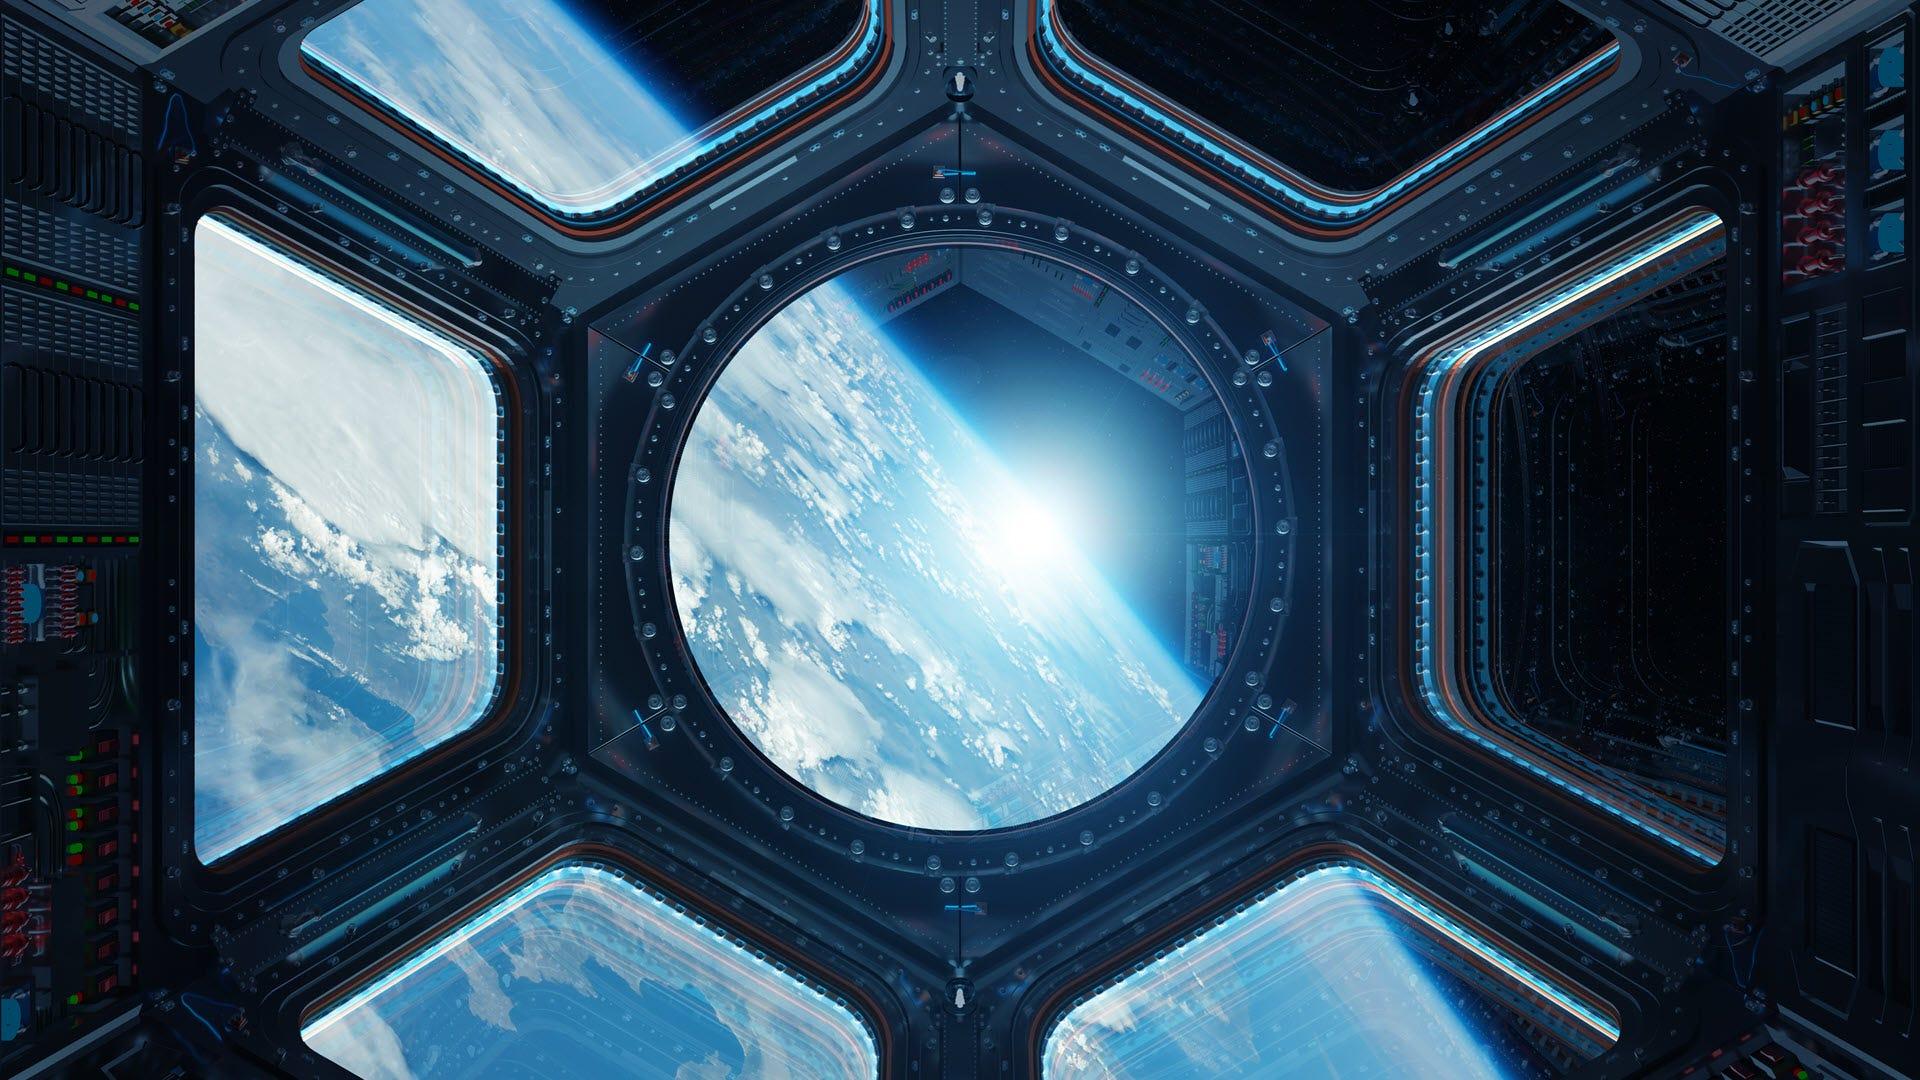 现代科技让科幻小说看起来像古老的过去